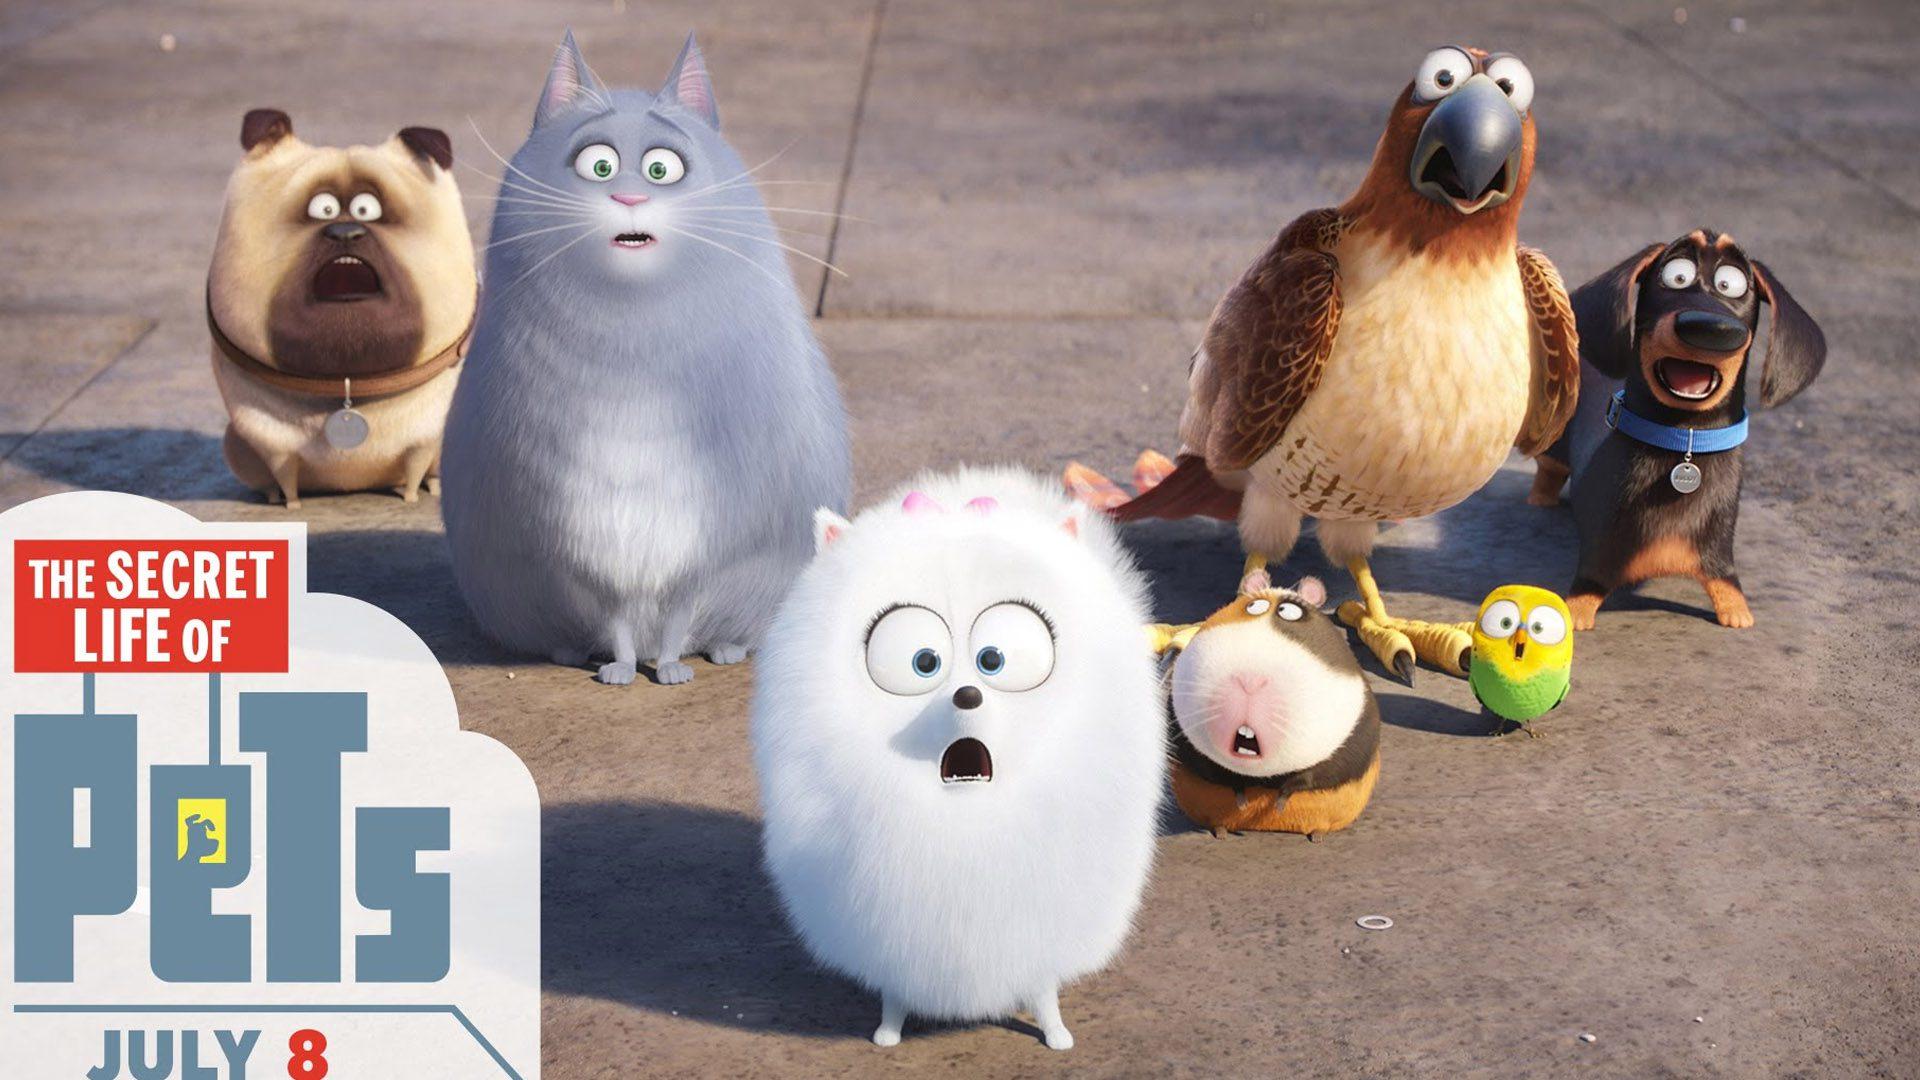 Phim hoạt hình Pets 2- đẳng cấp thú cưng phần 2